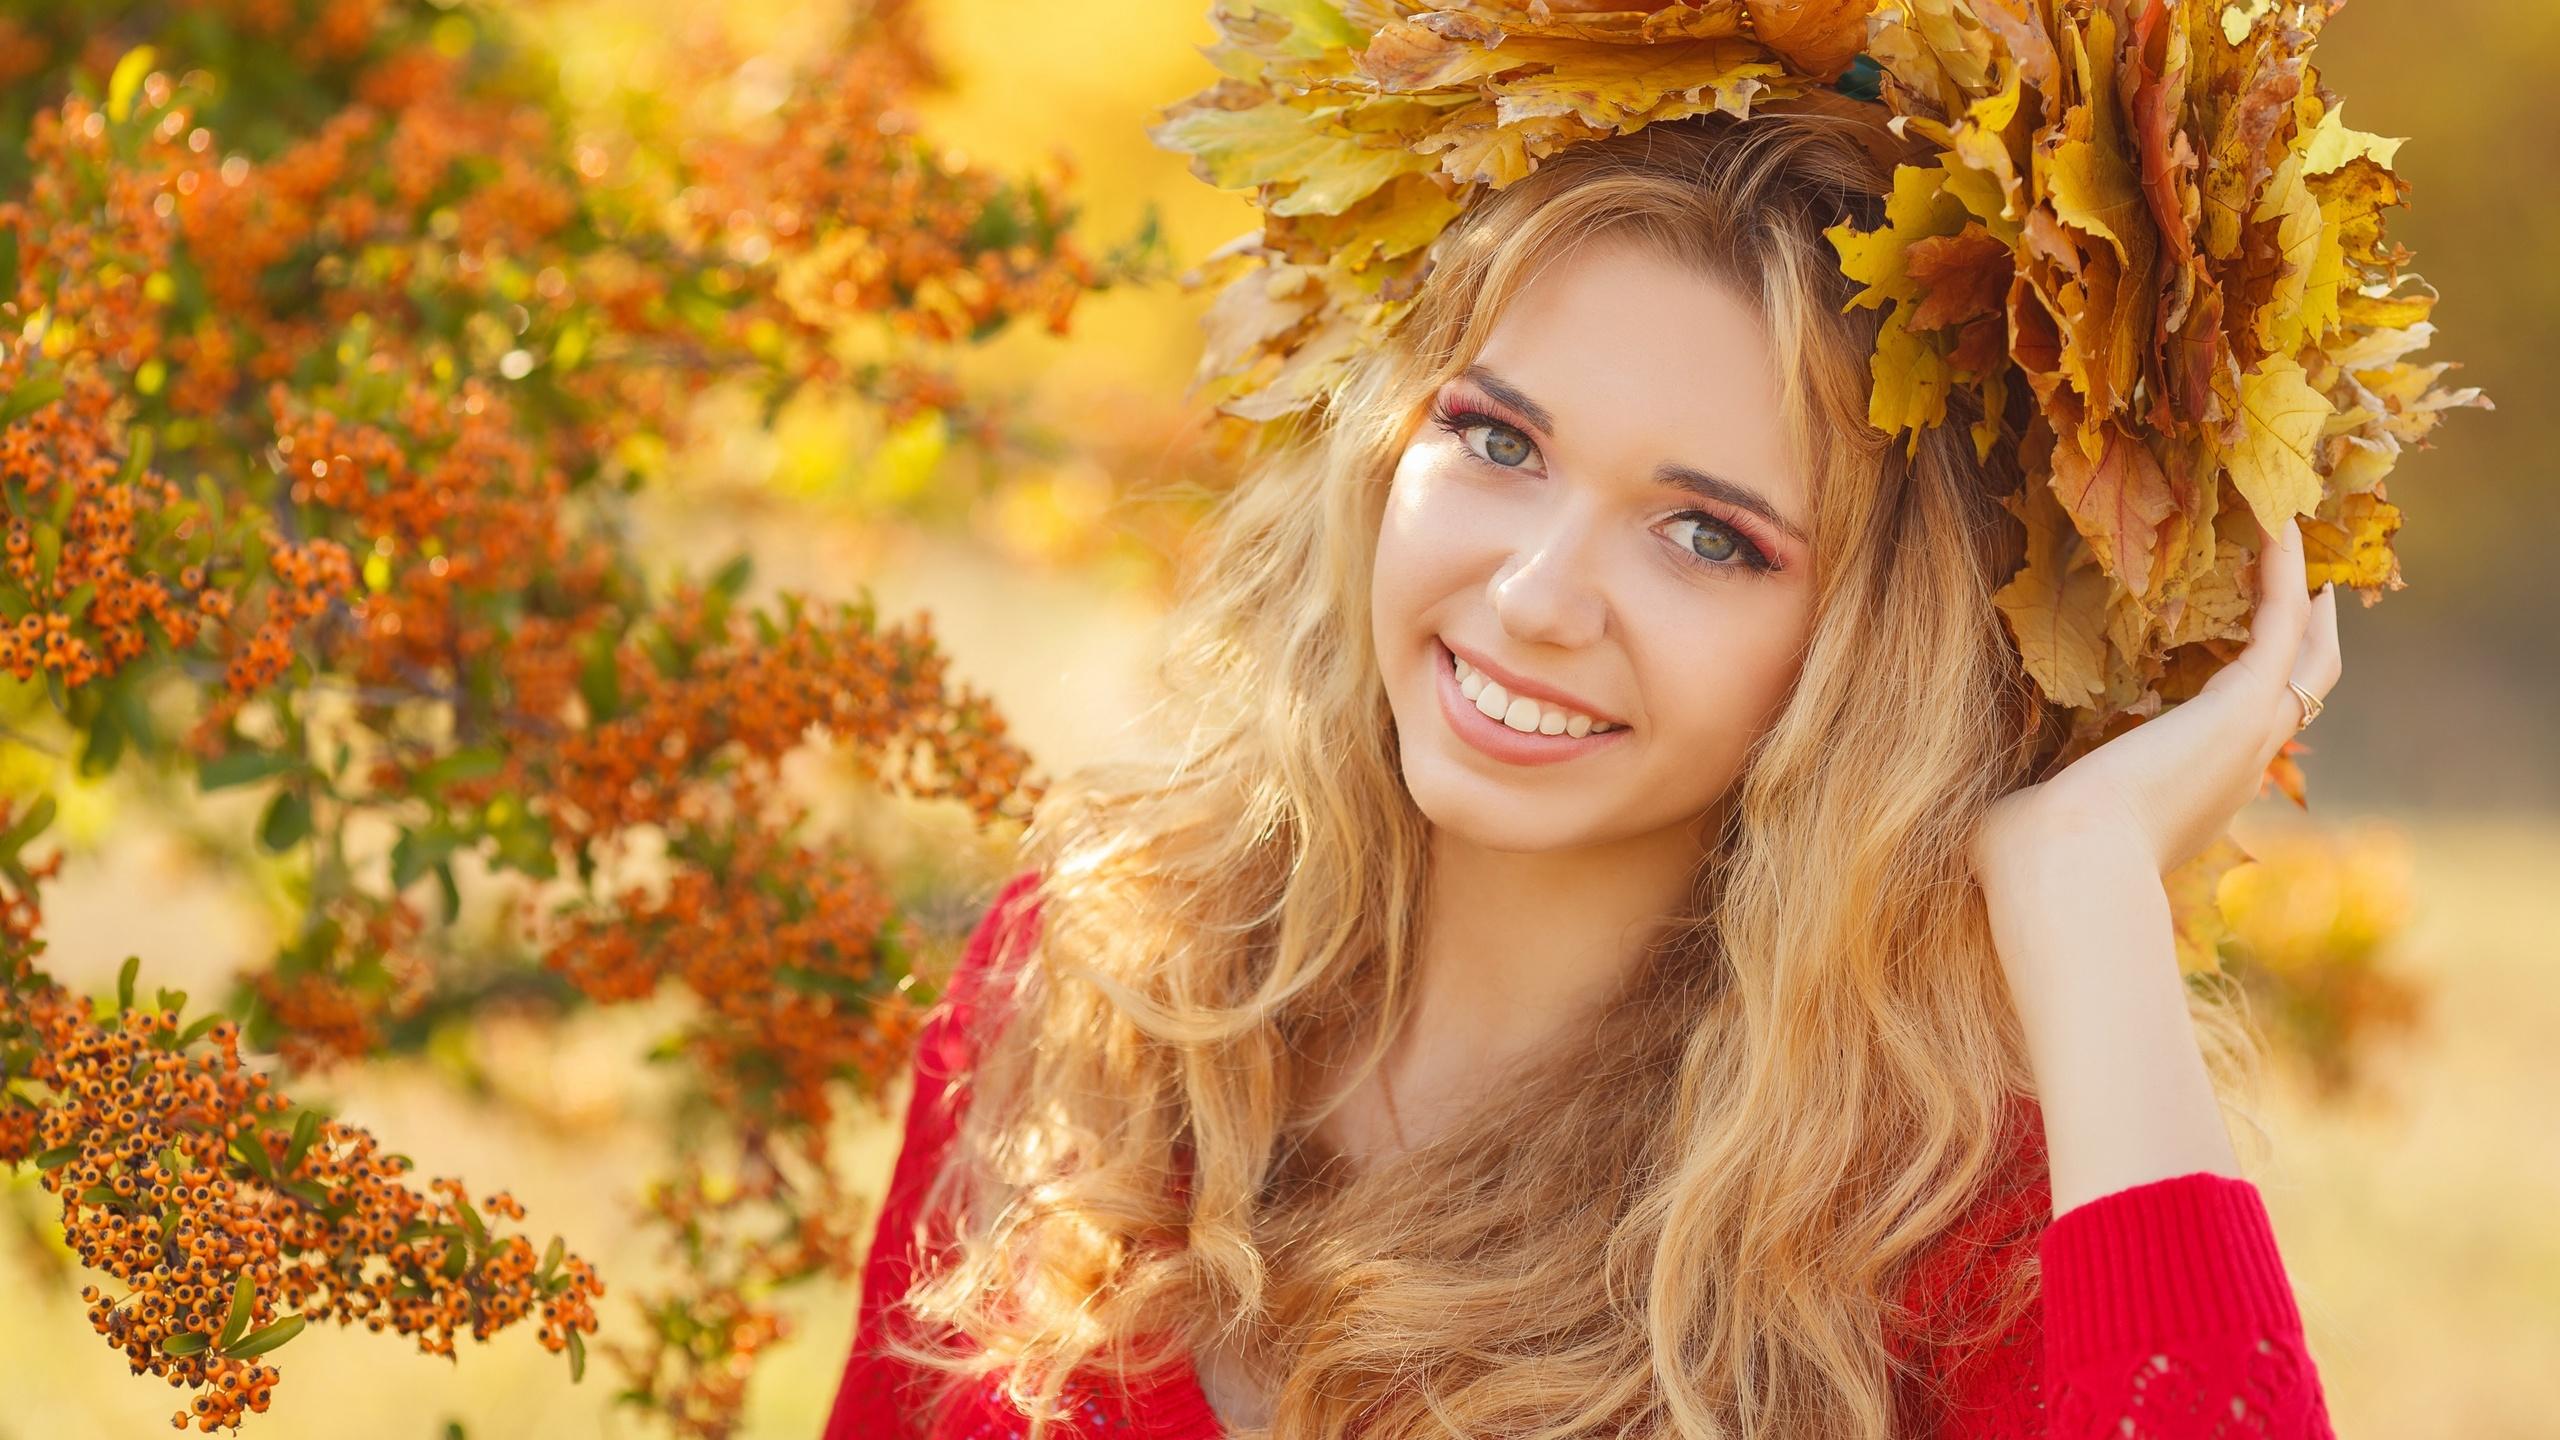 Картинки прикольная девушка осень, днем